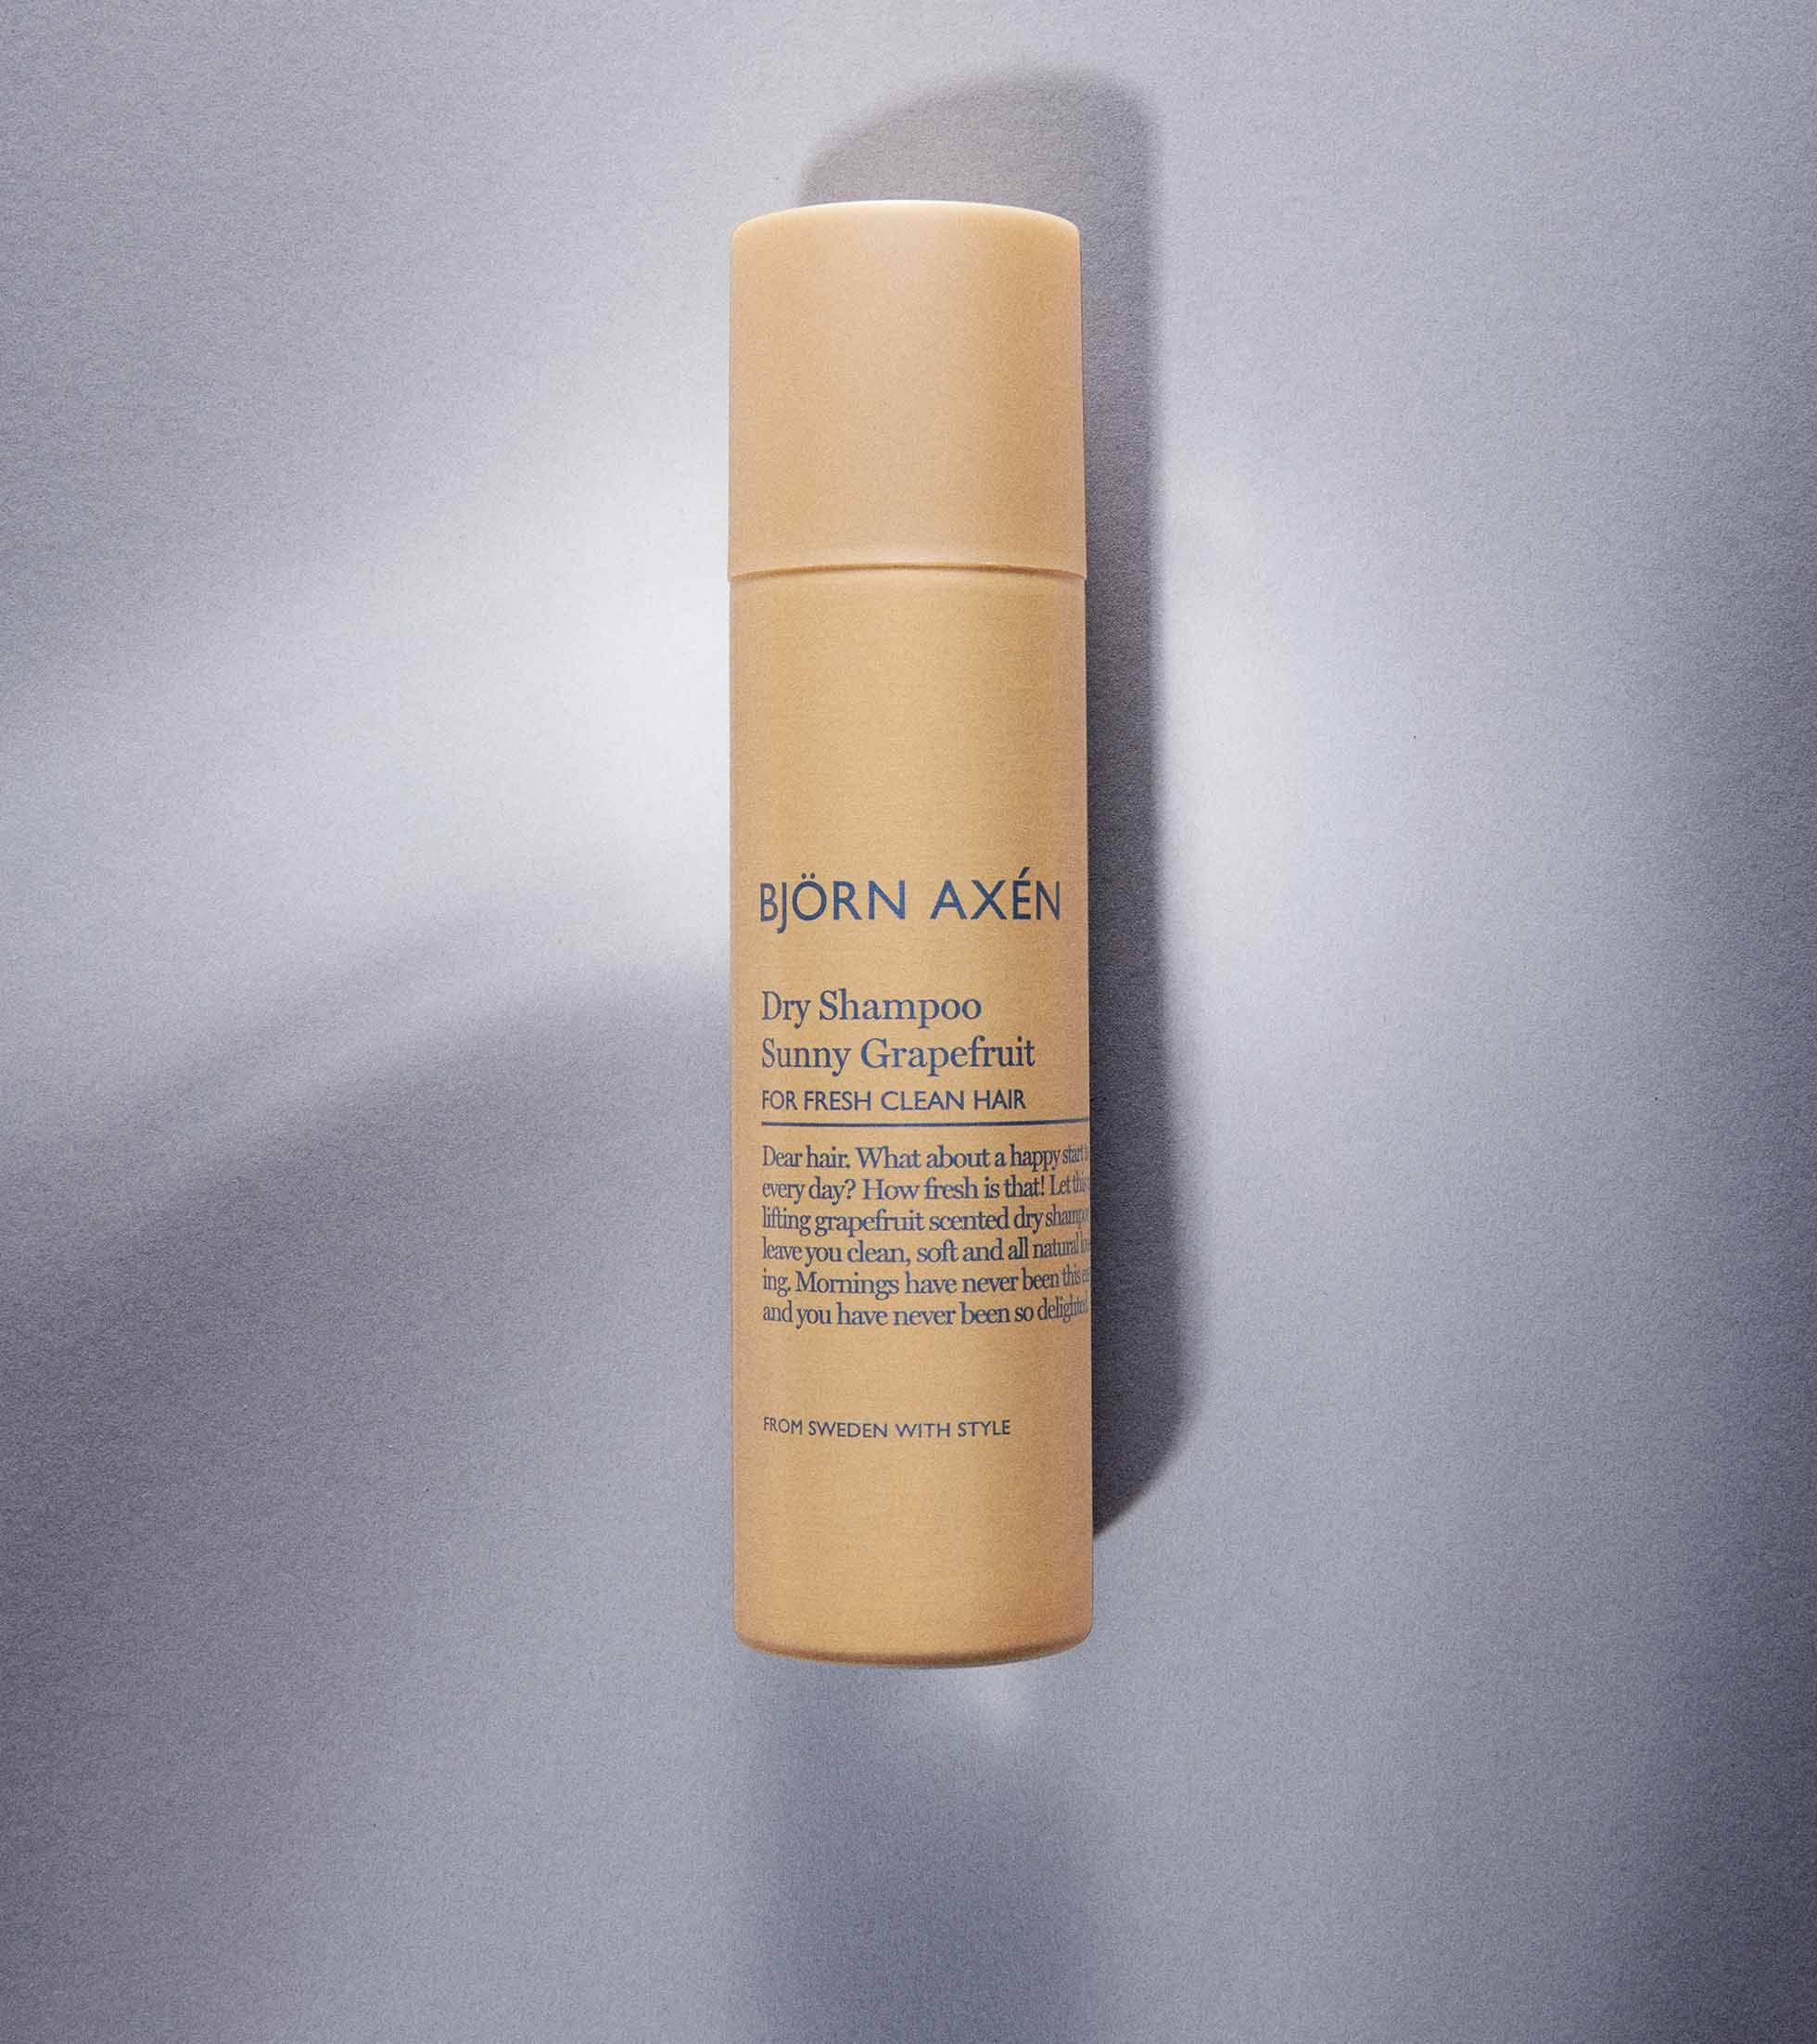 Dry Shampoo Sunny Grapefruit